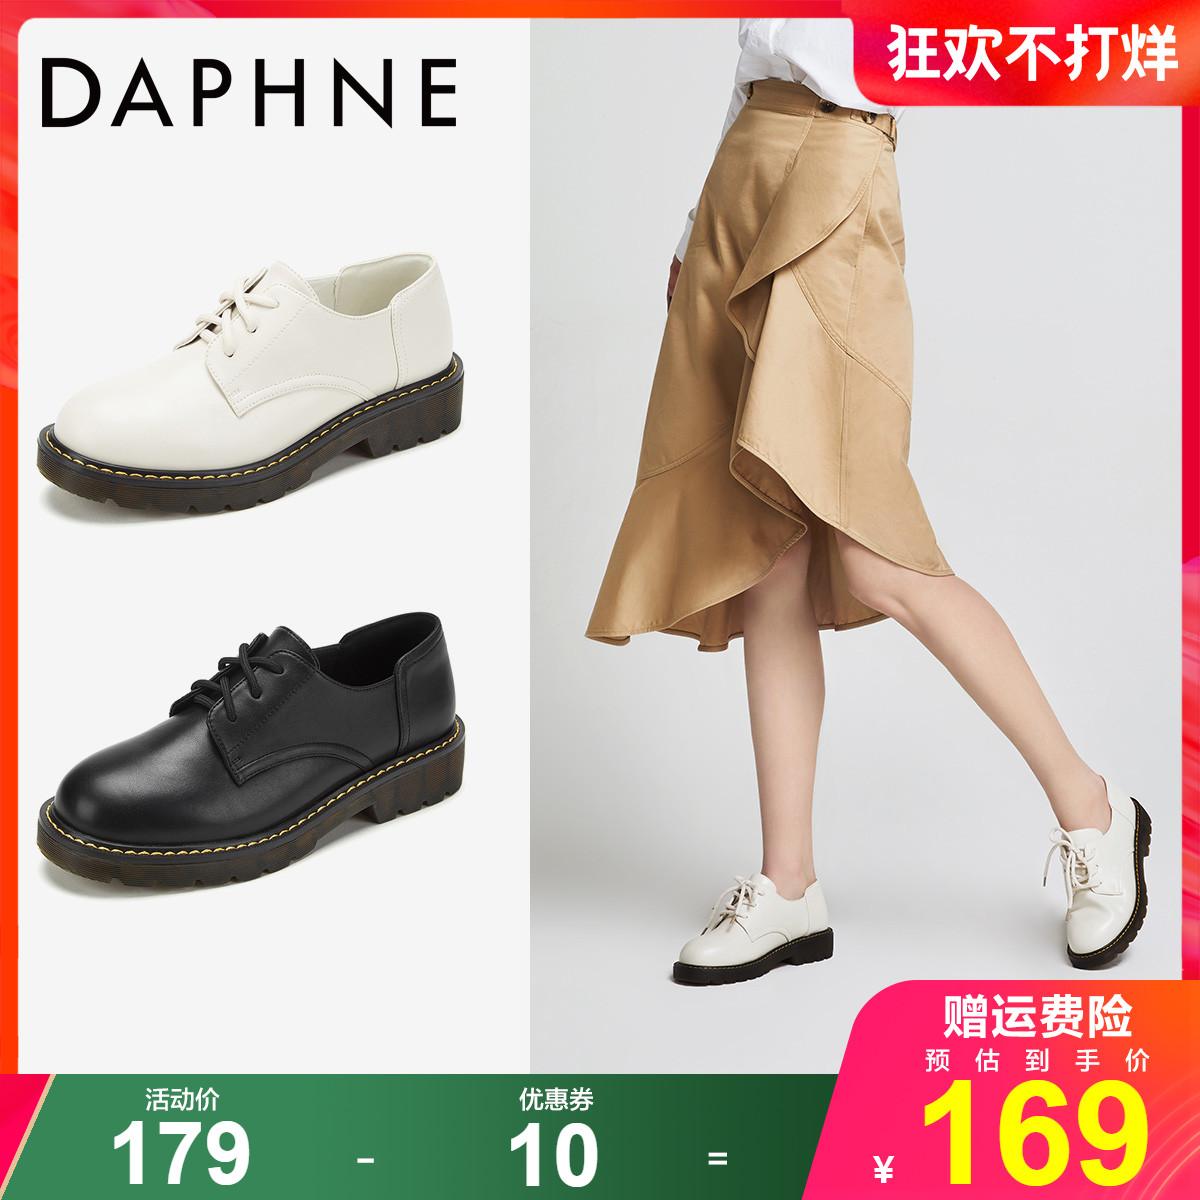 达芙妮2019新款小单鞋女英伦风学生粗跟牛津鞋中跟皮鞋女女鞋厚底